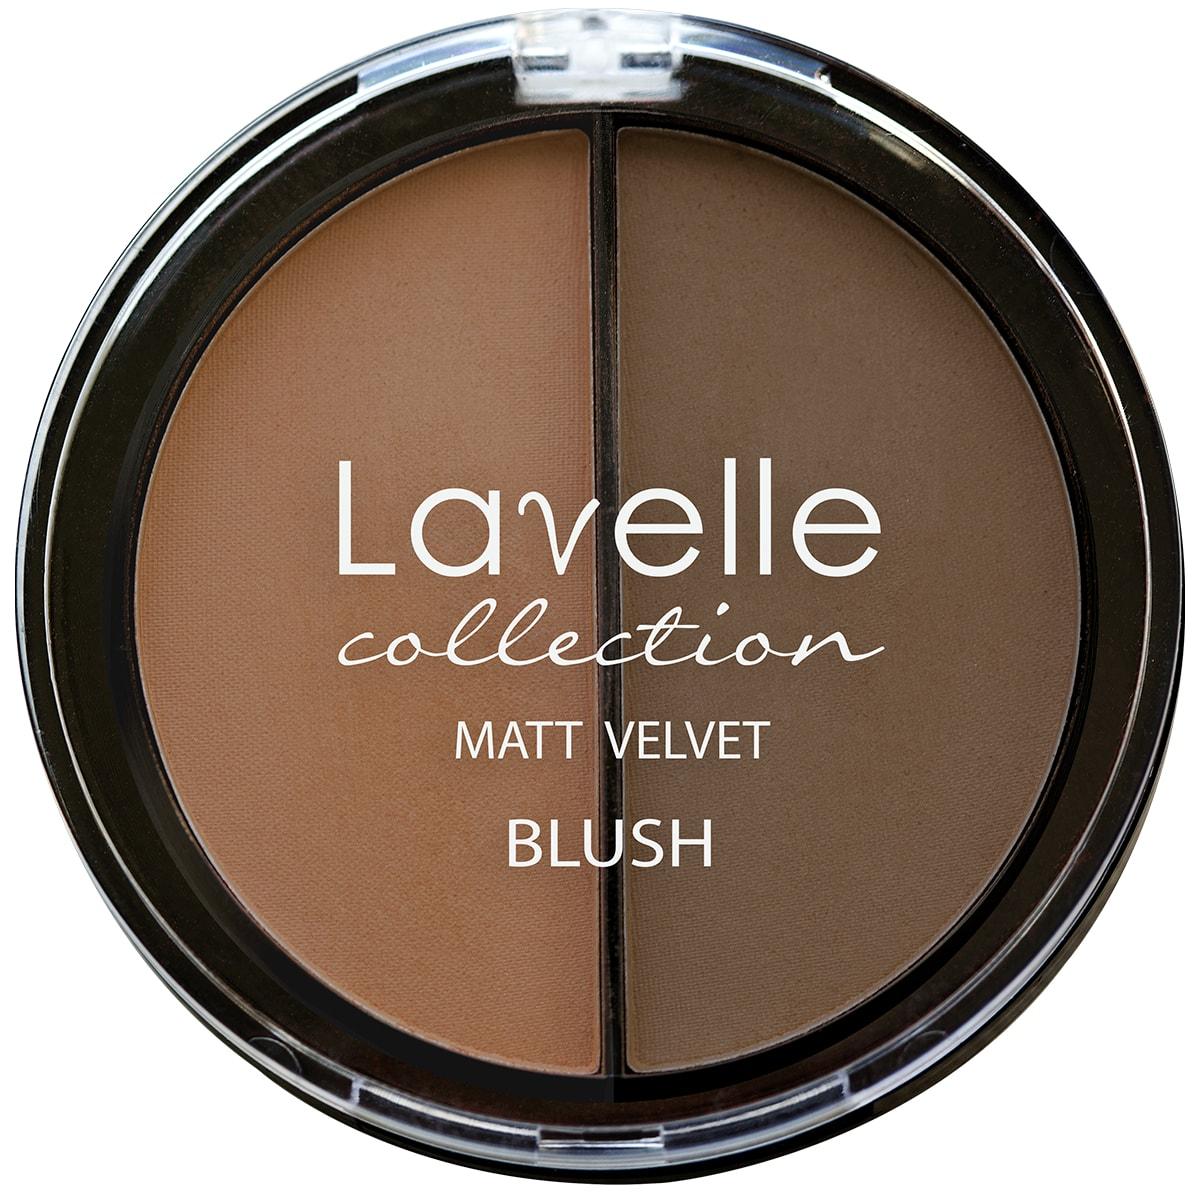 Lavelle Collection румяна для лица BL-09 2-цветные компактные тон 02 загар 34,5г